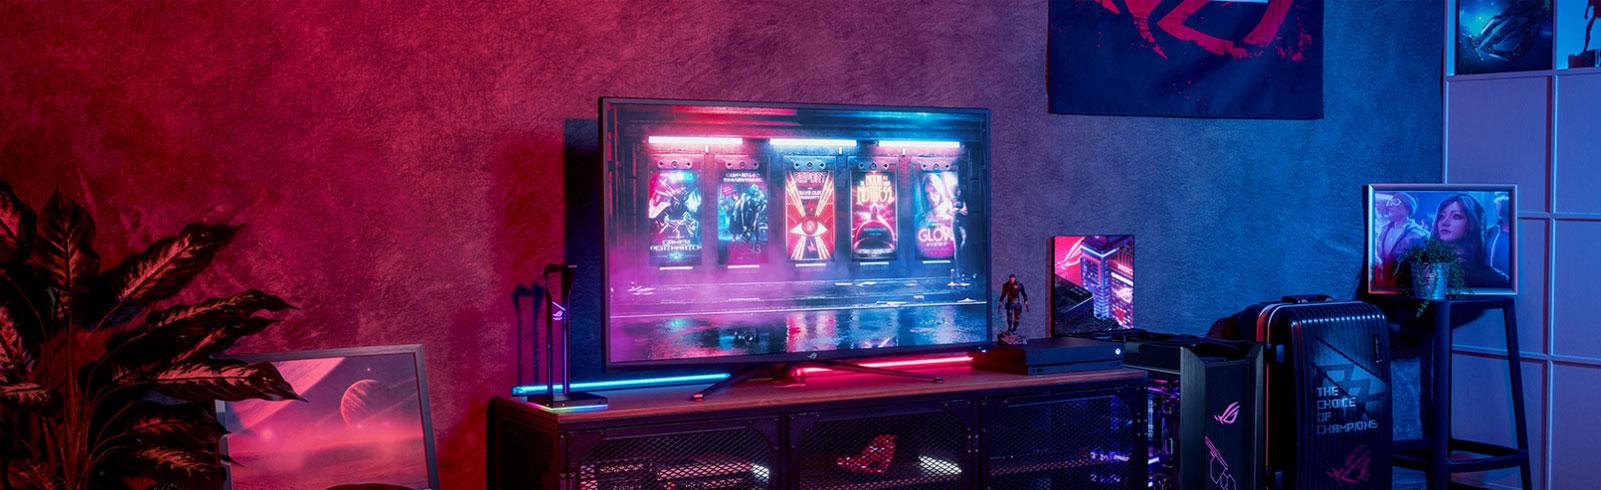 Asus ROG Swift PG43UQ and ROG Strix XG27UQ DSC gaming monitors specifications